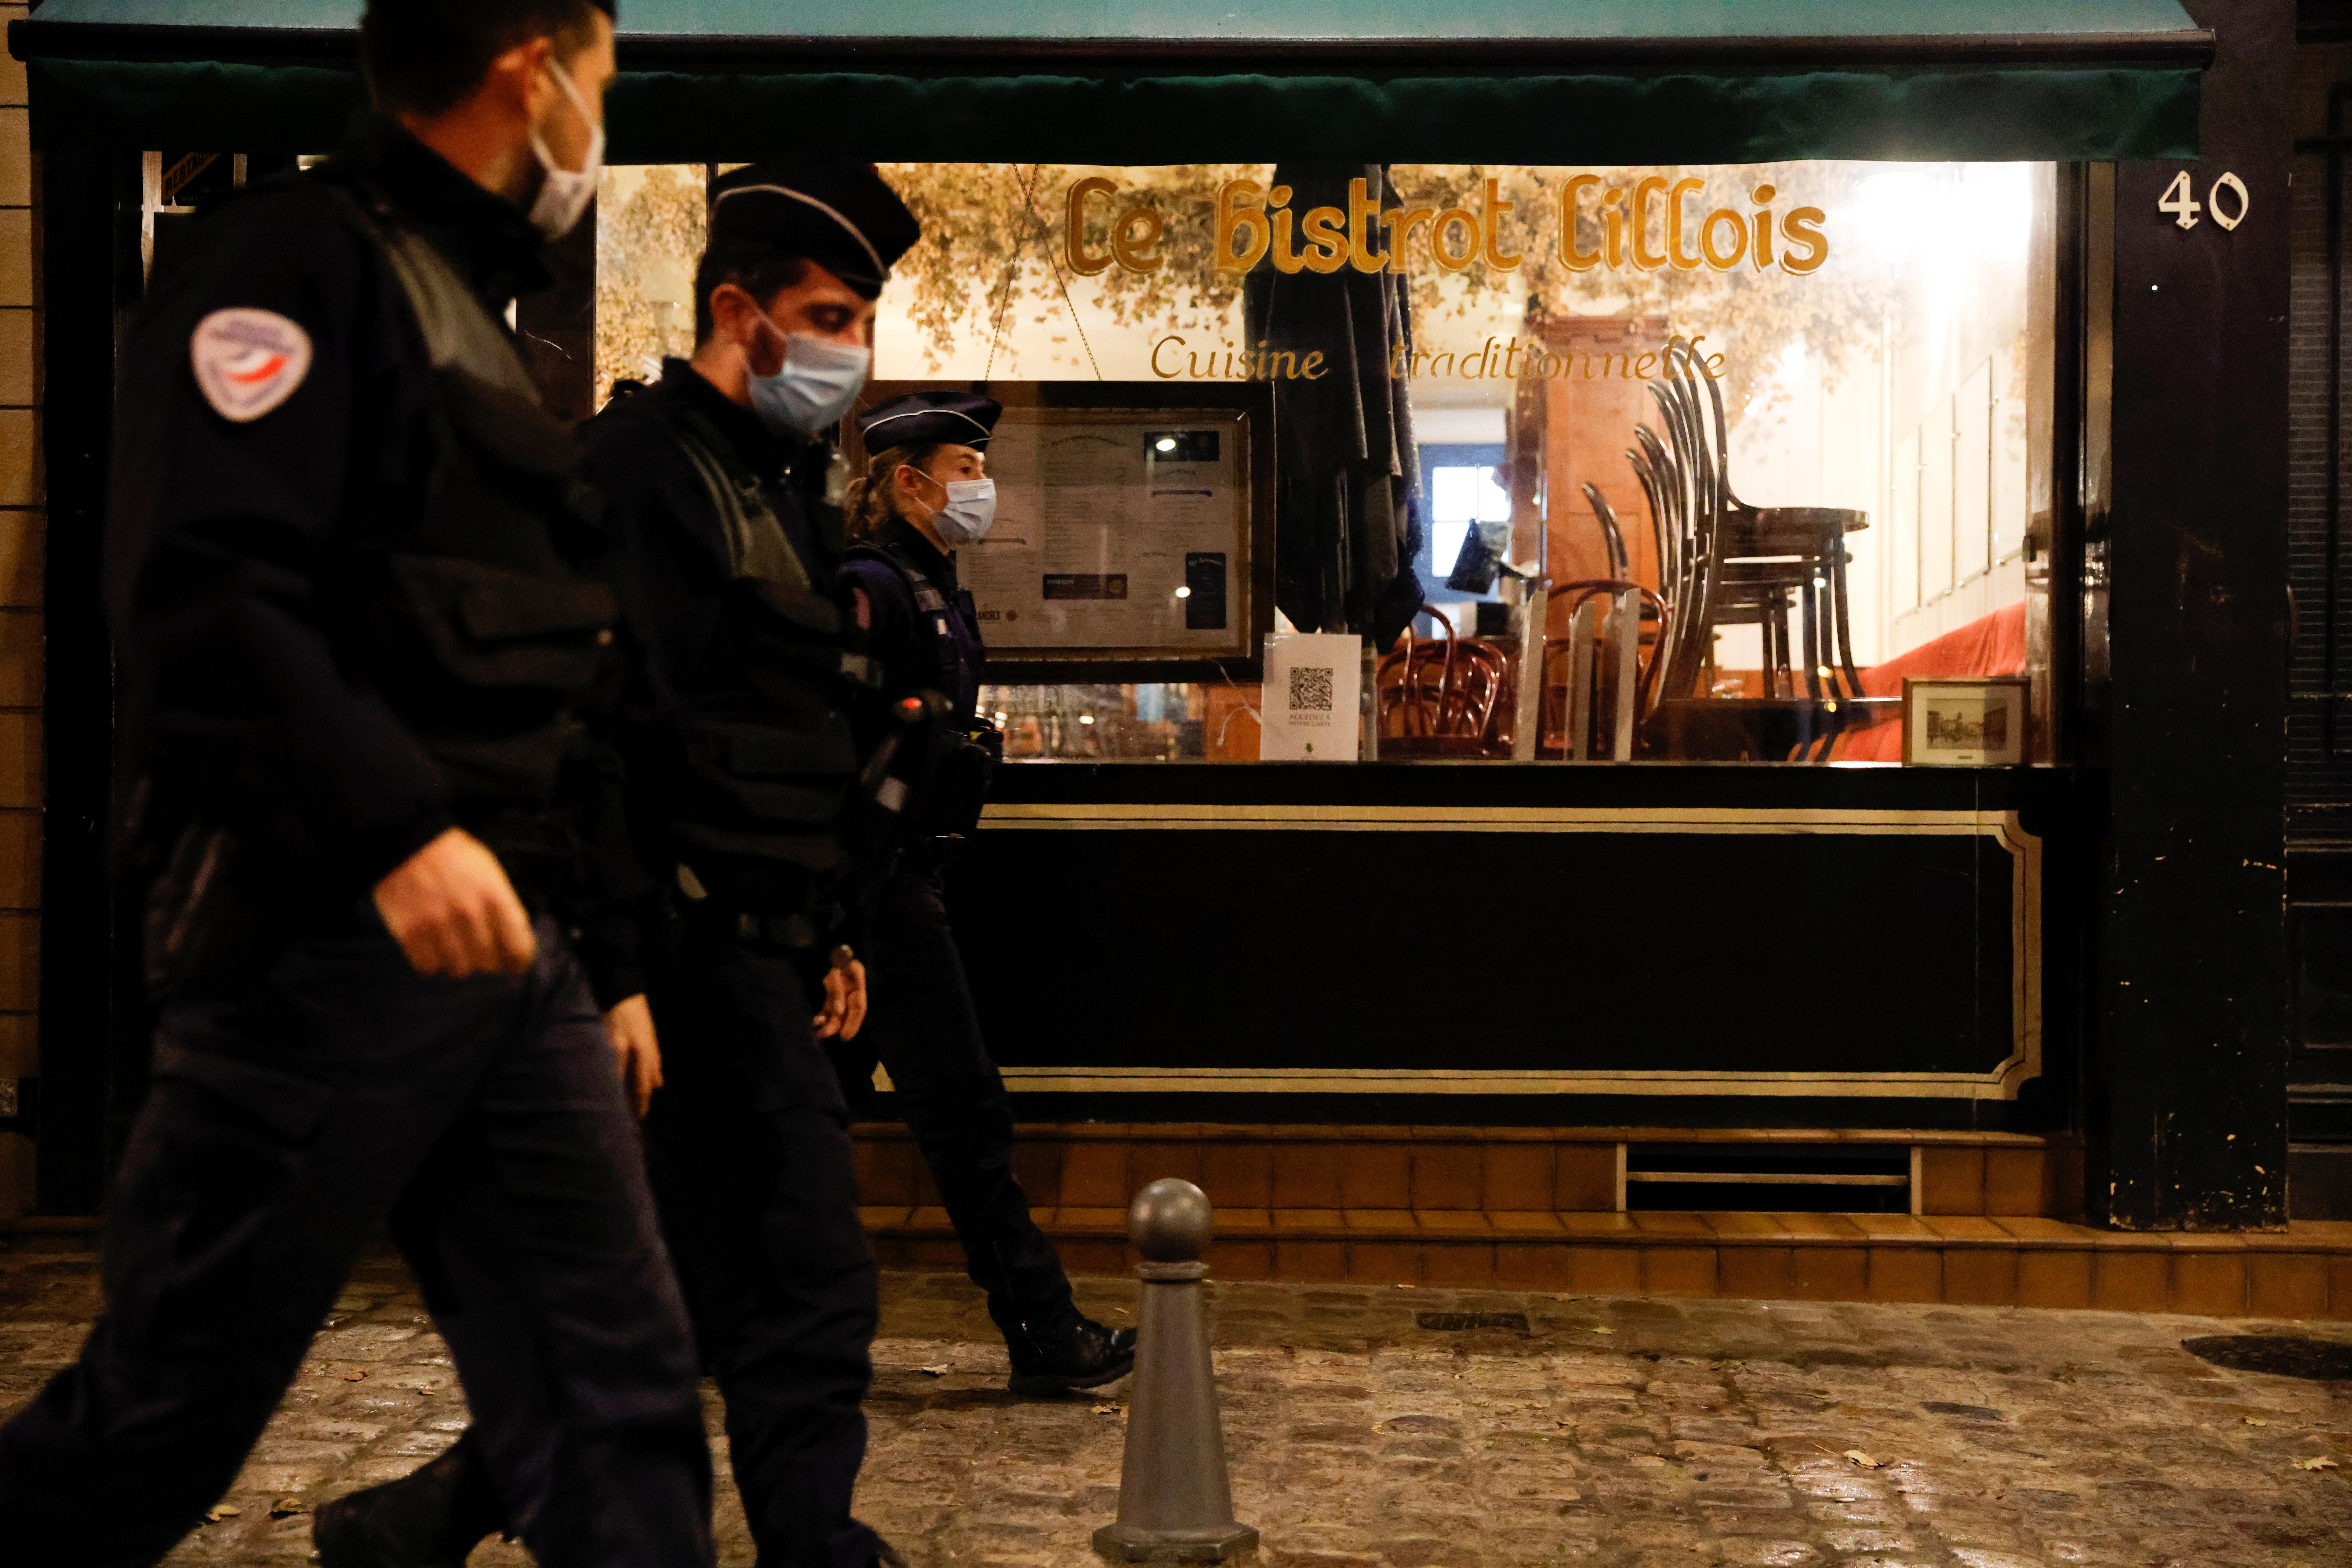 Во Франции предложили высылать чеченцев за «политический исламизм»